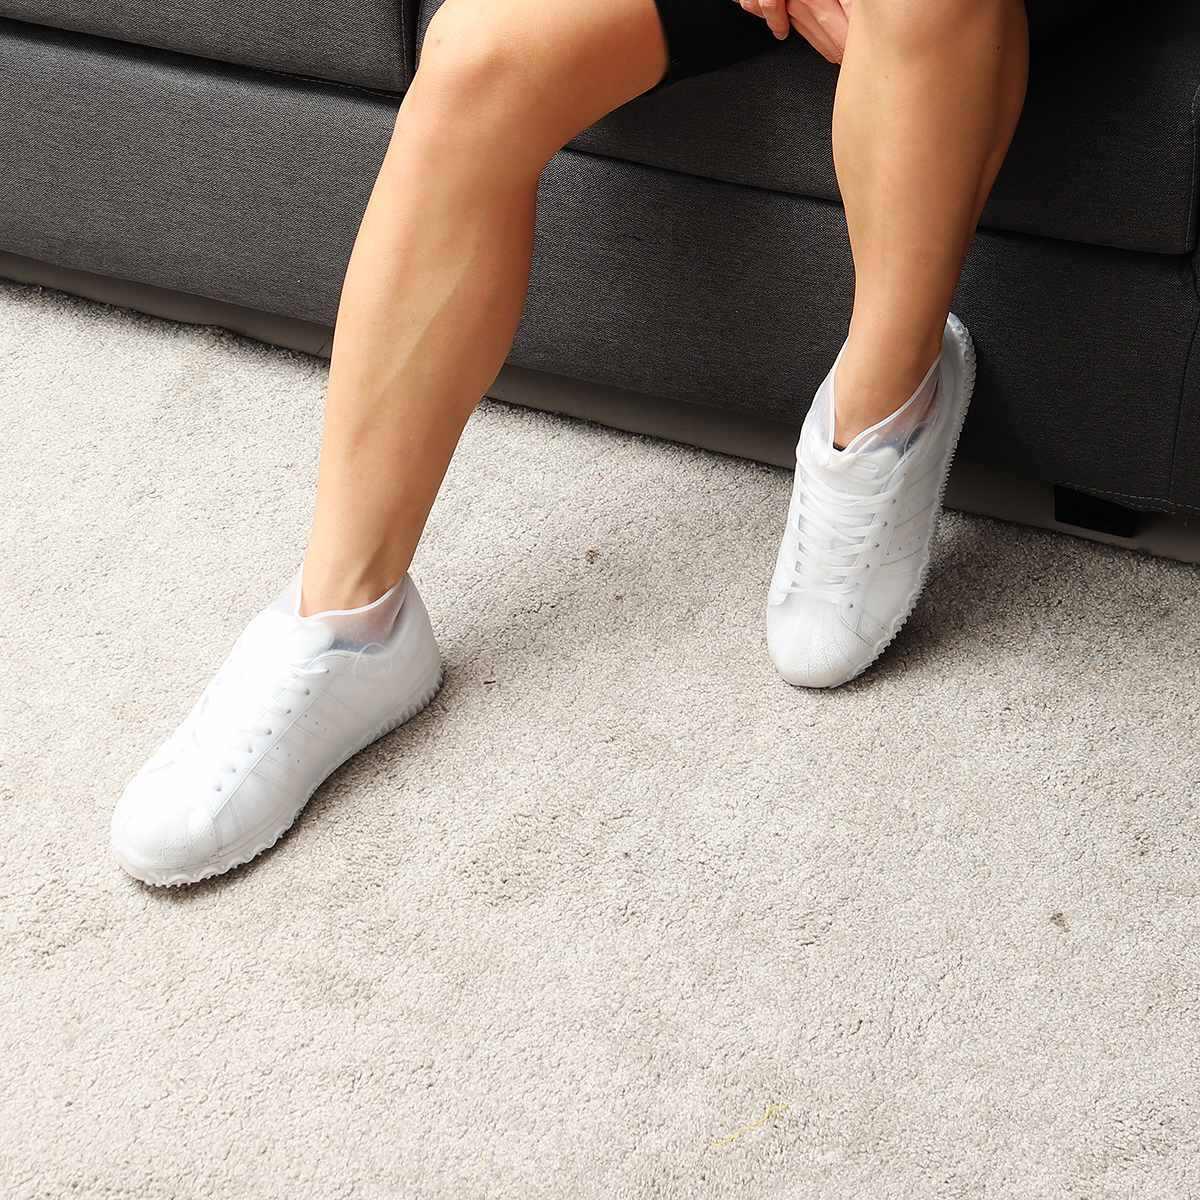 3 أحجام قابلة لإعادة الاستخدام سيليكون الجرم المطر مقاوم للماء عدم الانزلاق أغطية الحذاء غطاء الأحذية حامي عالية الجودة الرجال النساء الأطفال